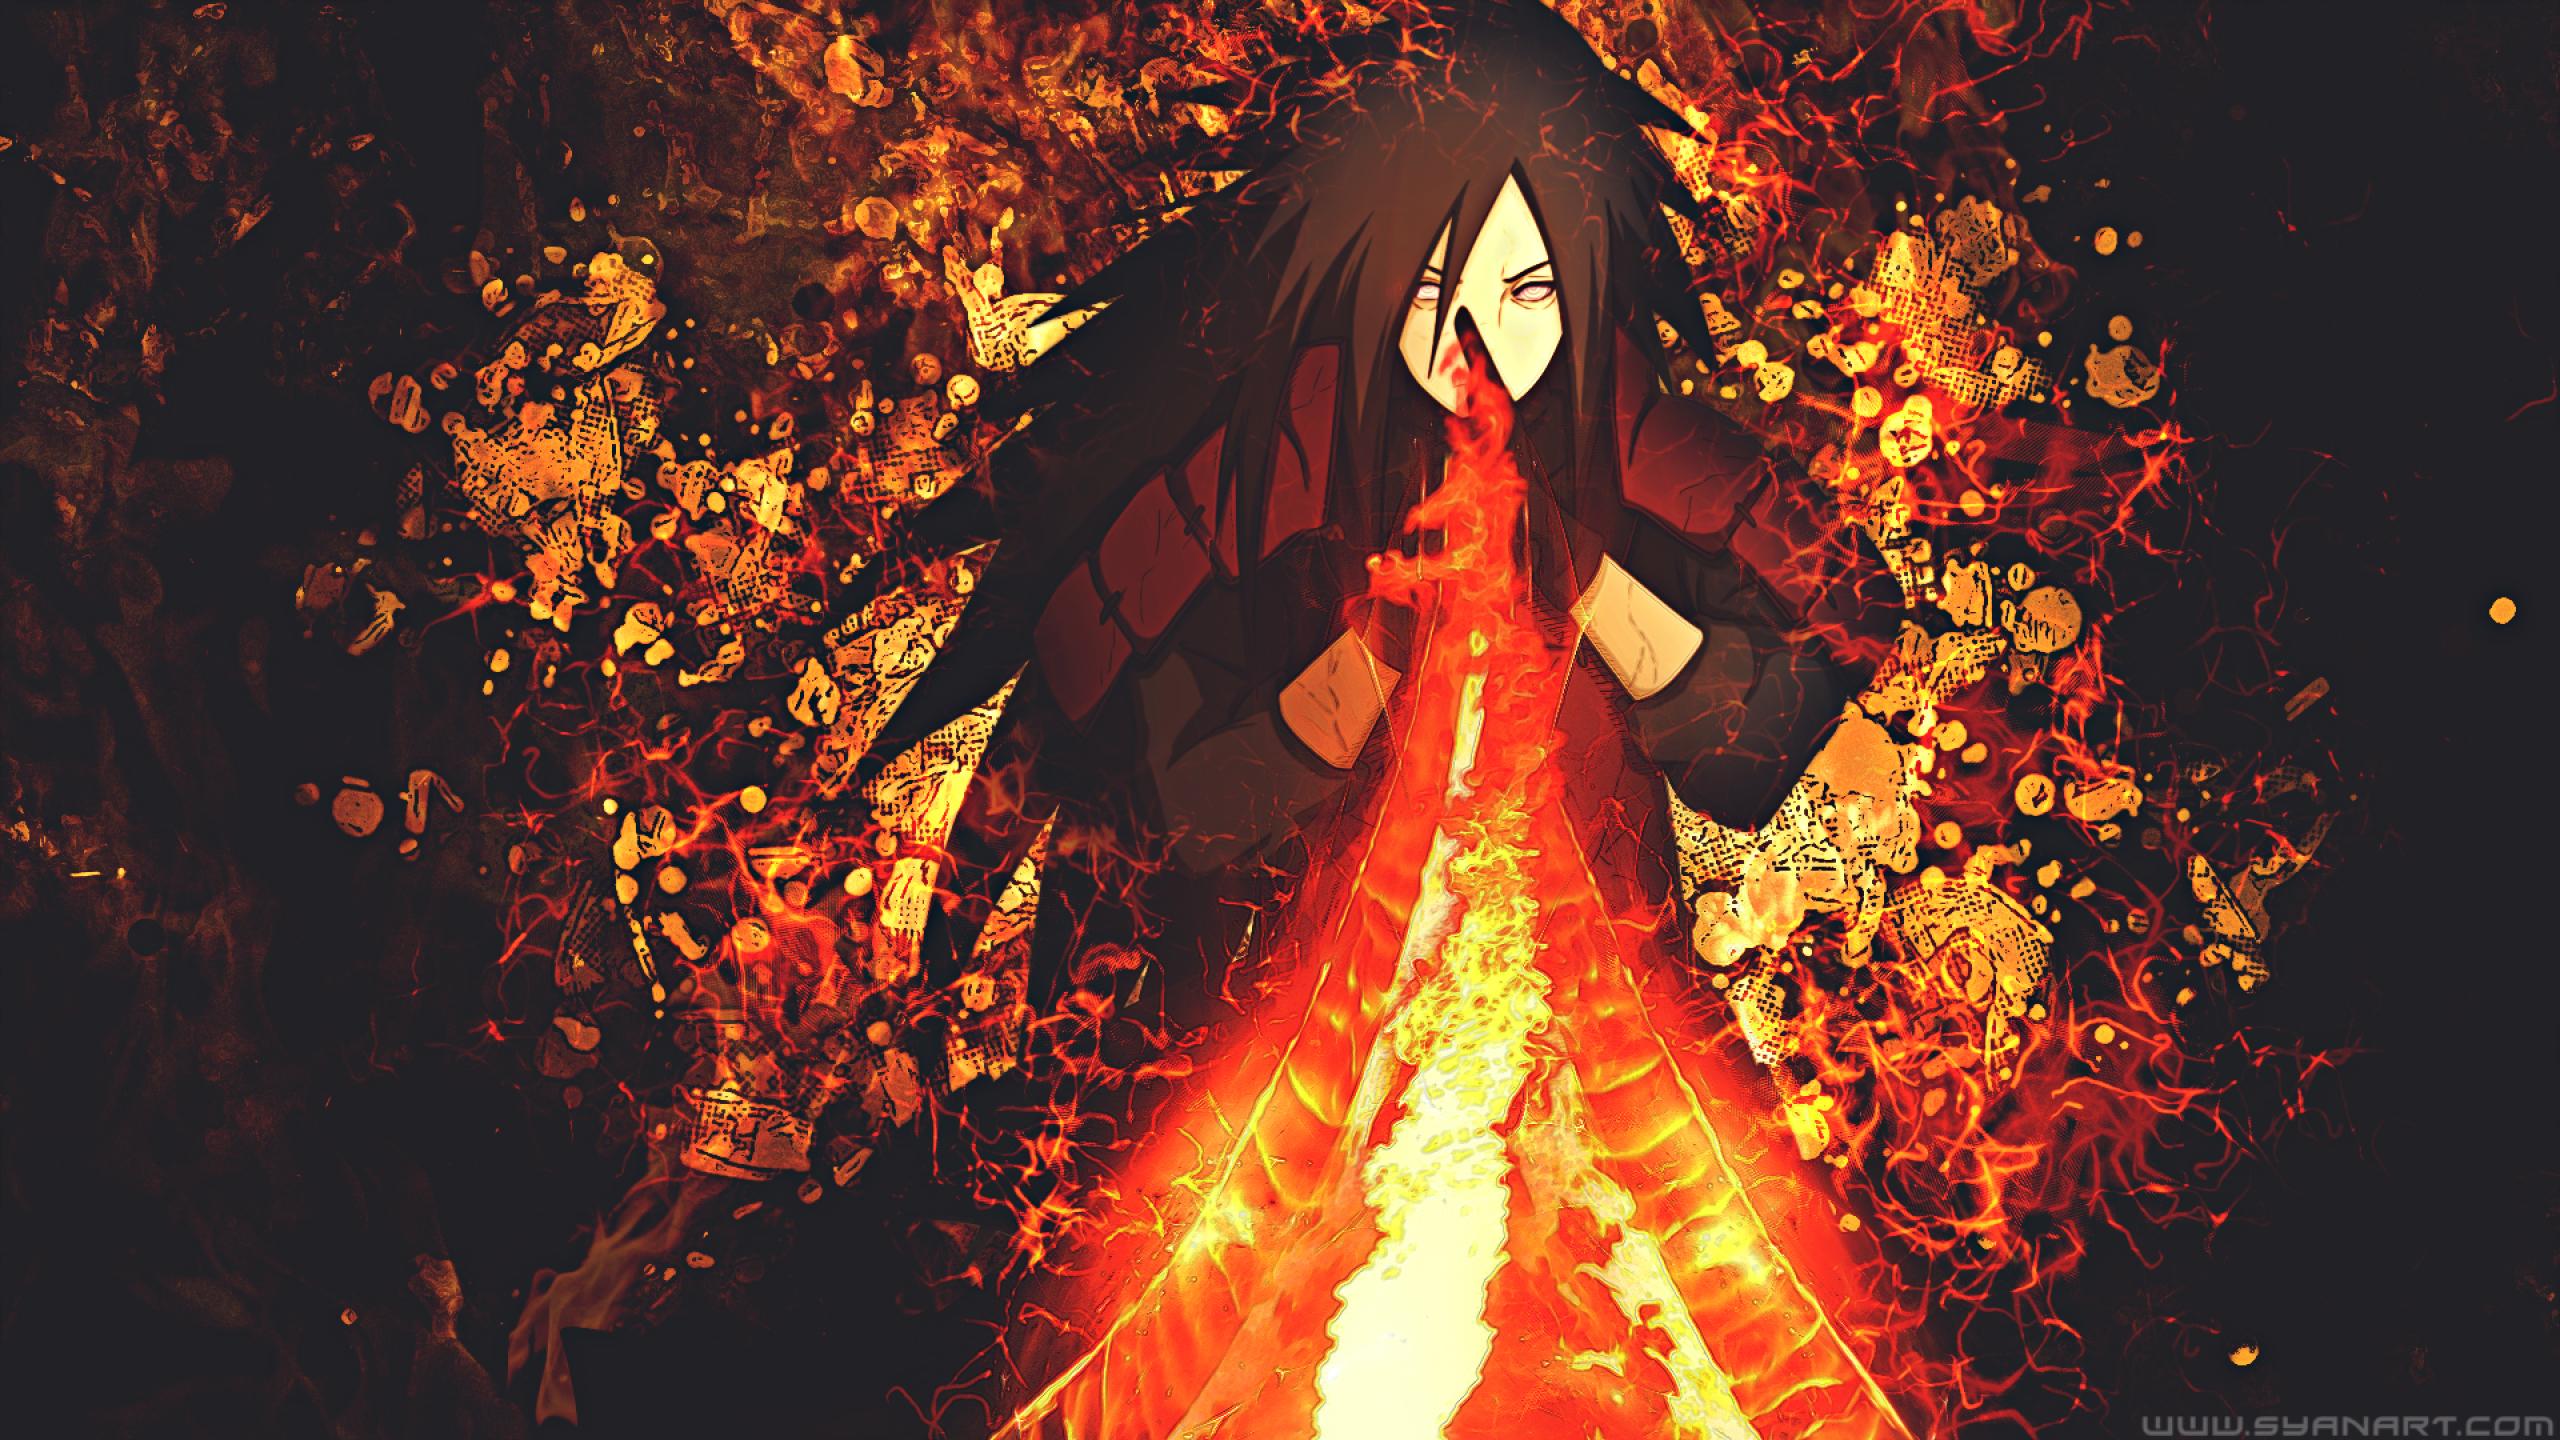 2560x1440 Madara Uchiha Naruto 1440P Resolution Wallpaper ...